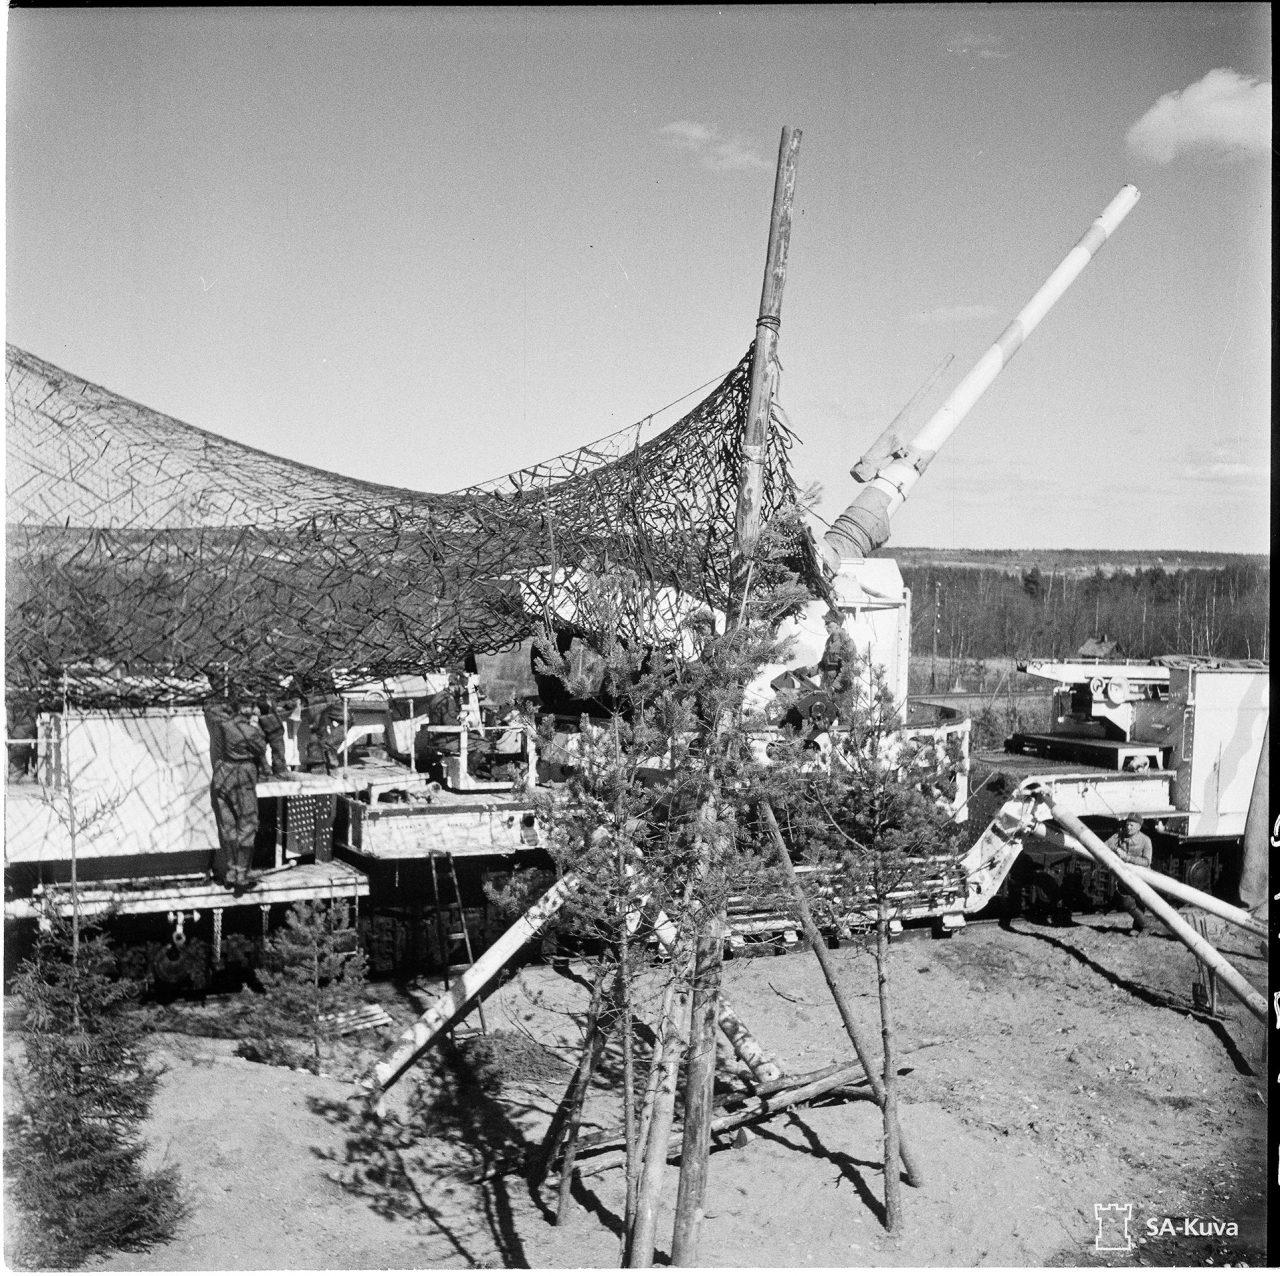 Фото 4. Транспортер 180 мм на огневой позиции. 25 апреля 1942 года. Источник: фотобанк Оборонительных сил Финляндии.